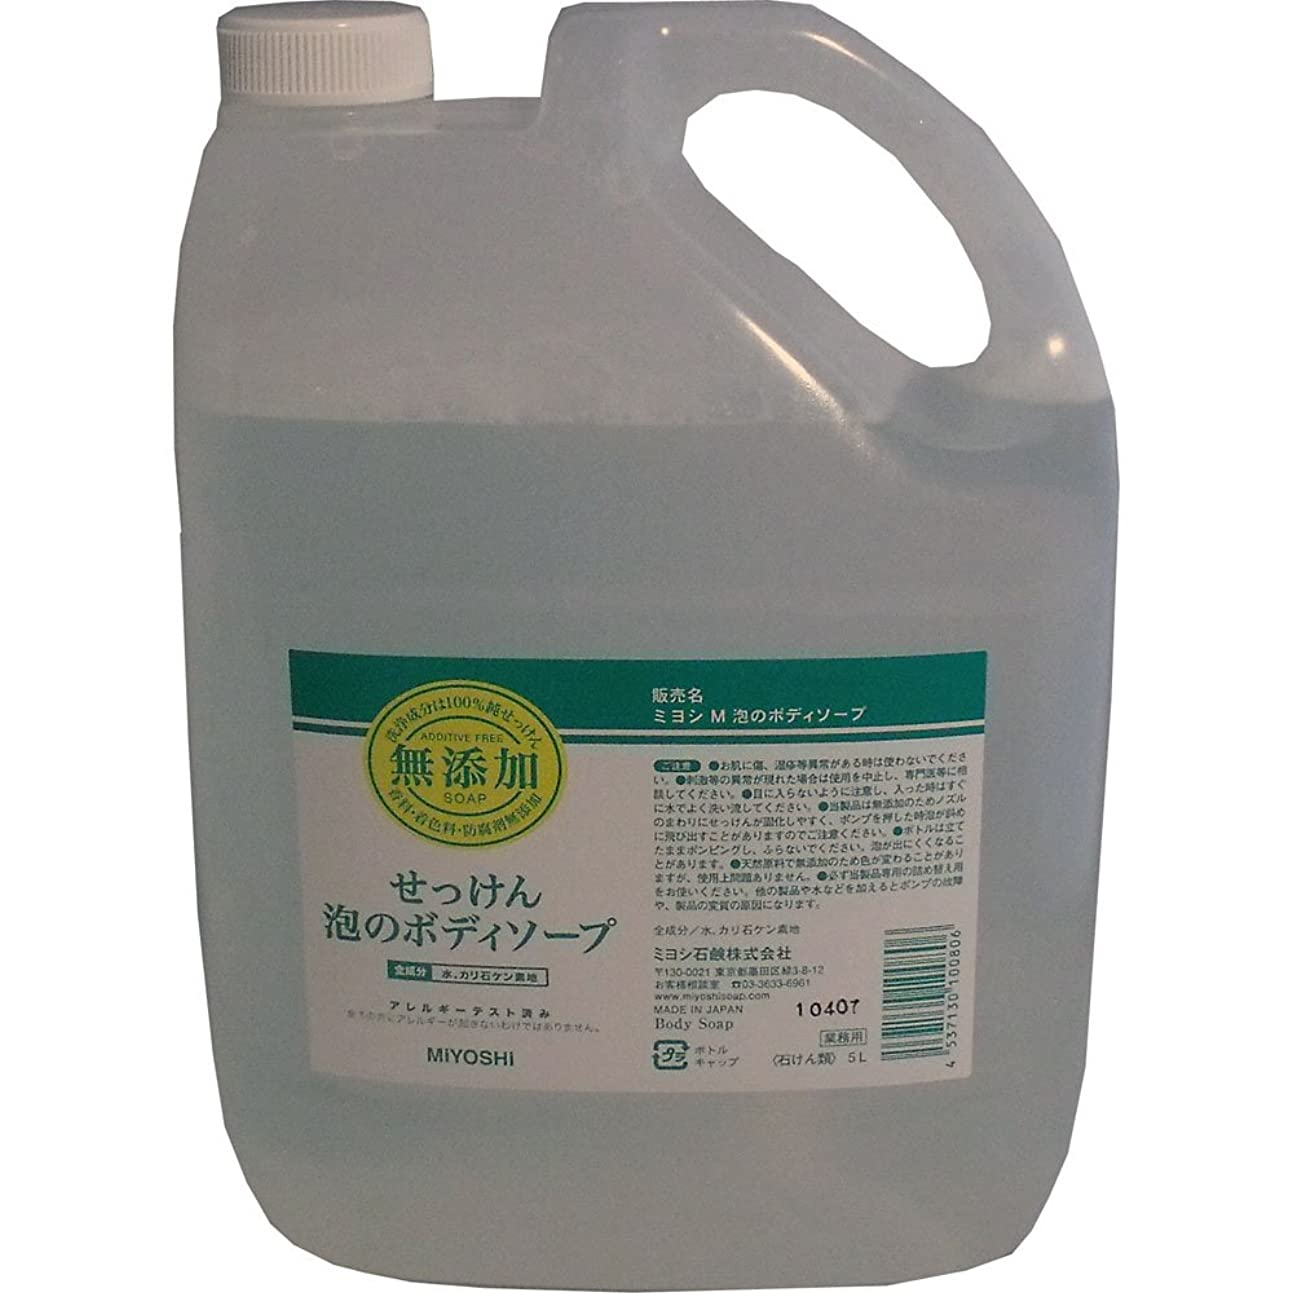 円形ヘクタールビクターミヨシ石鹸 業務用 無添加せっけん 泡のボディソープ 詰め替え用 5Lサイズ×4点セット